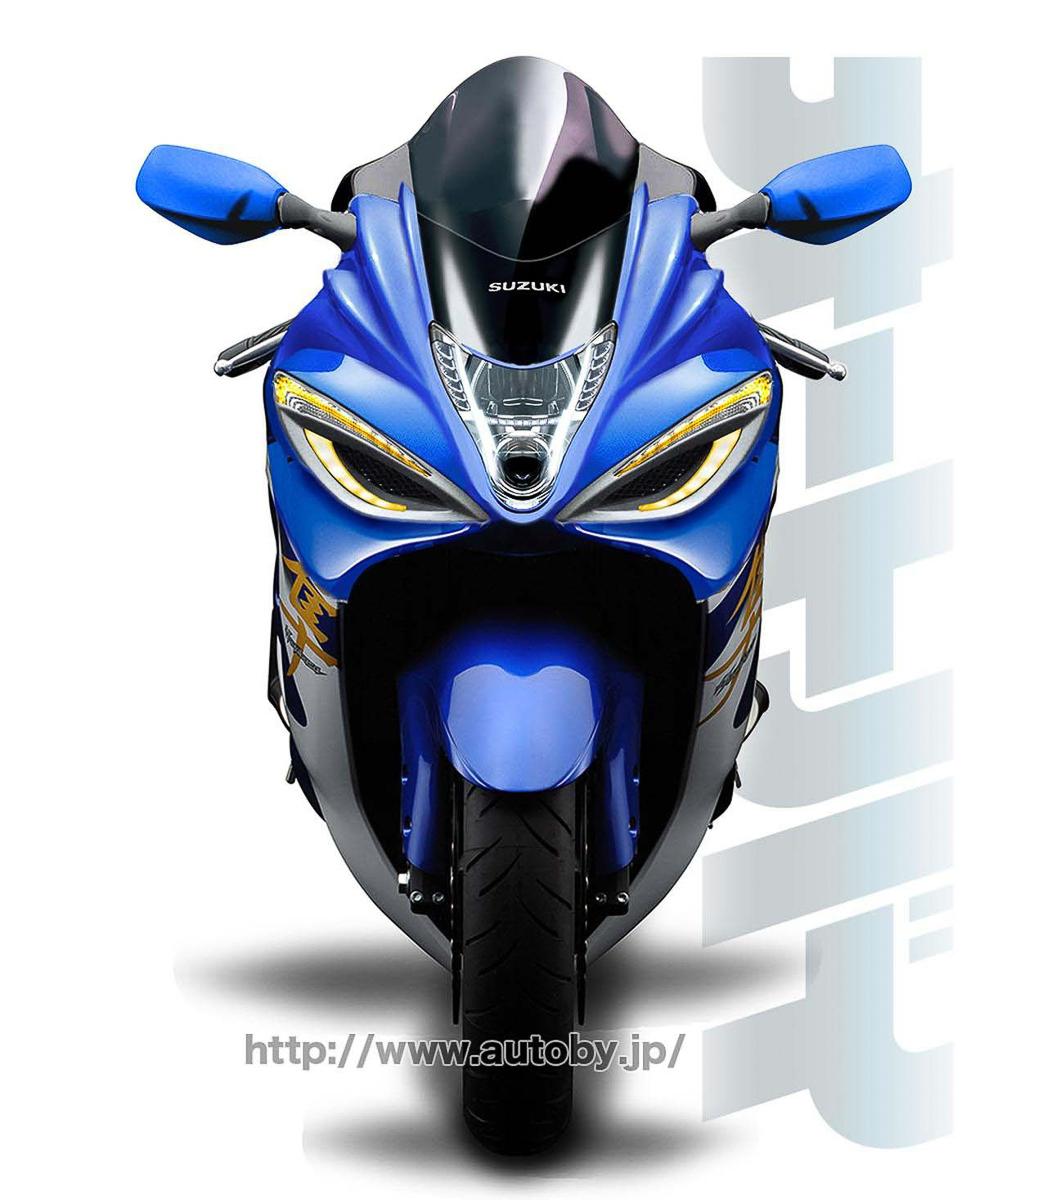 2019 Suzuki Hayabusa Will Run A 1440cc Engine Bikesrepublic